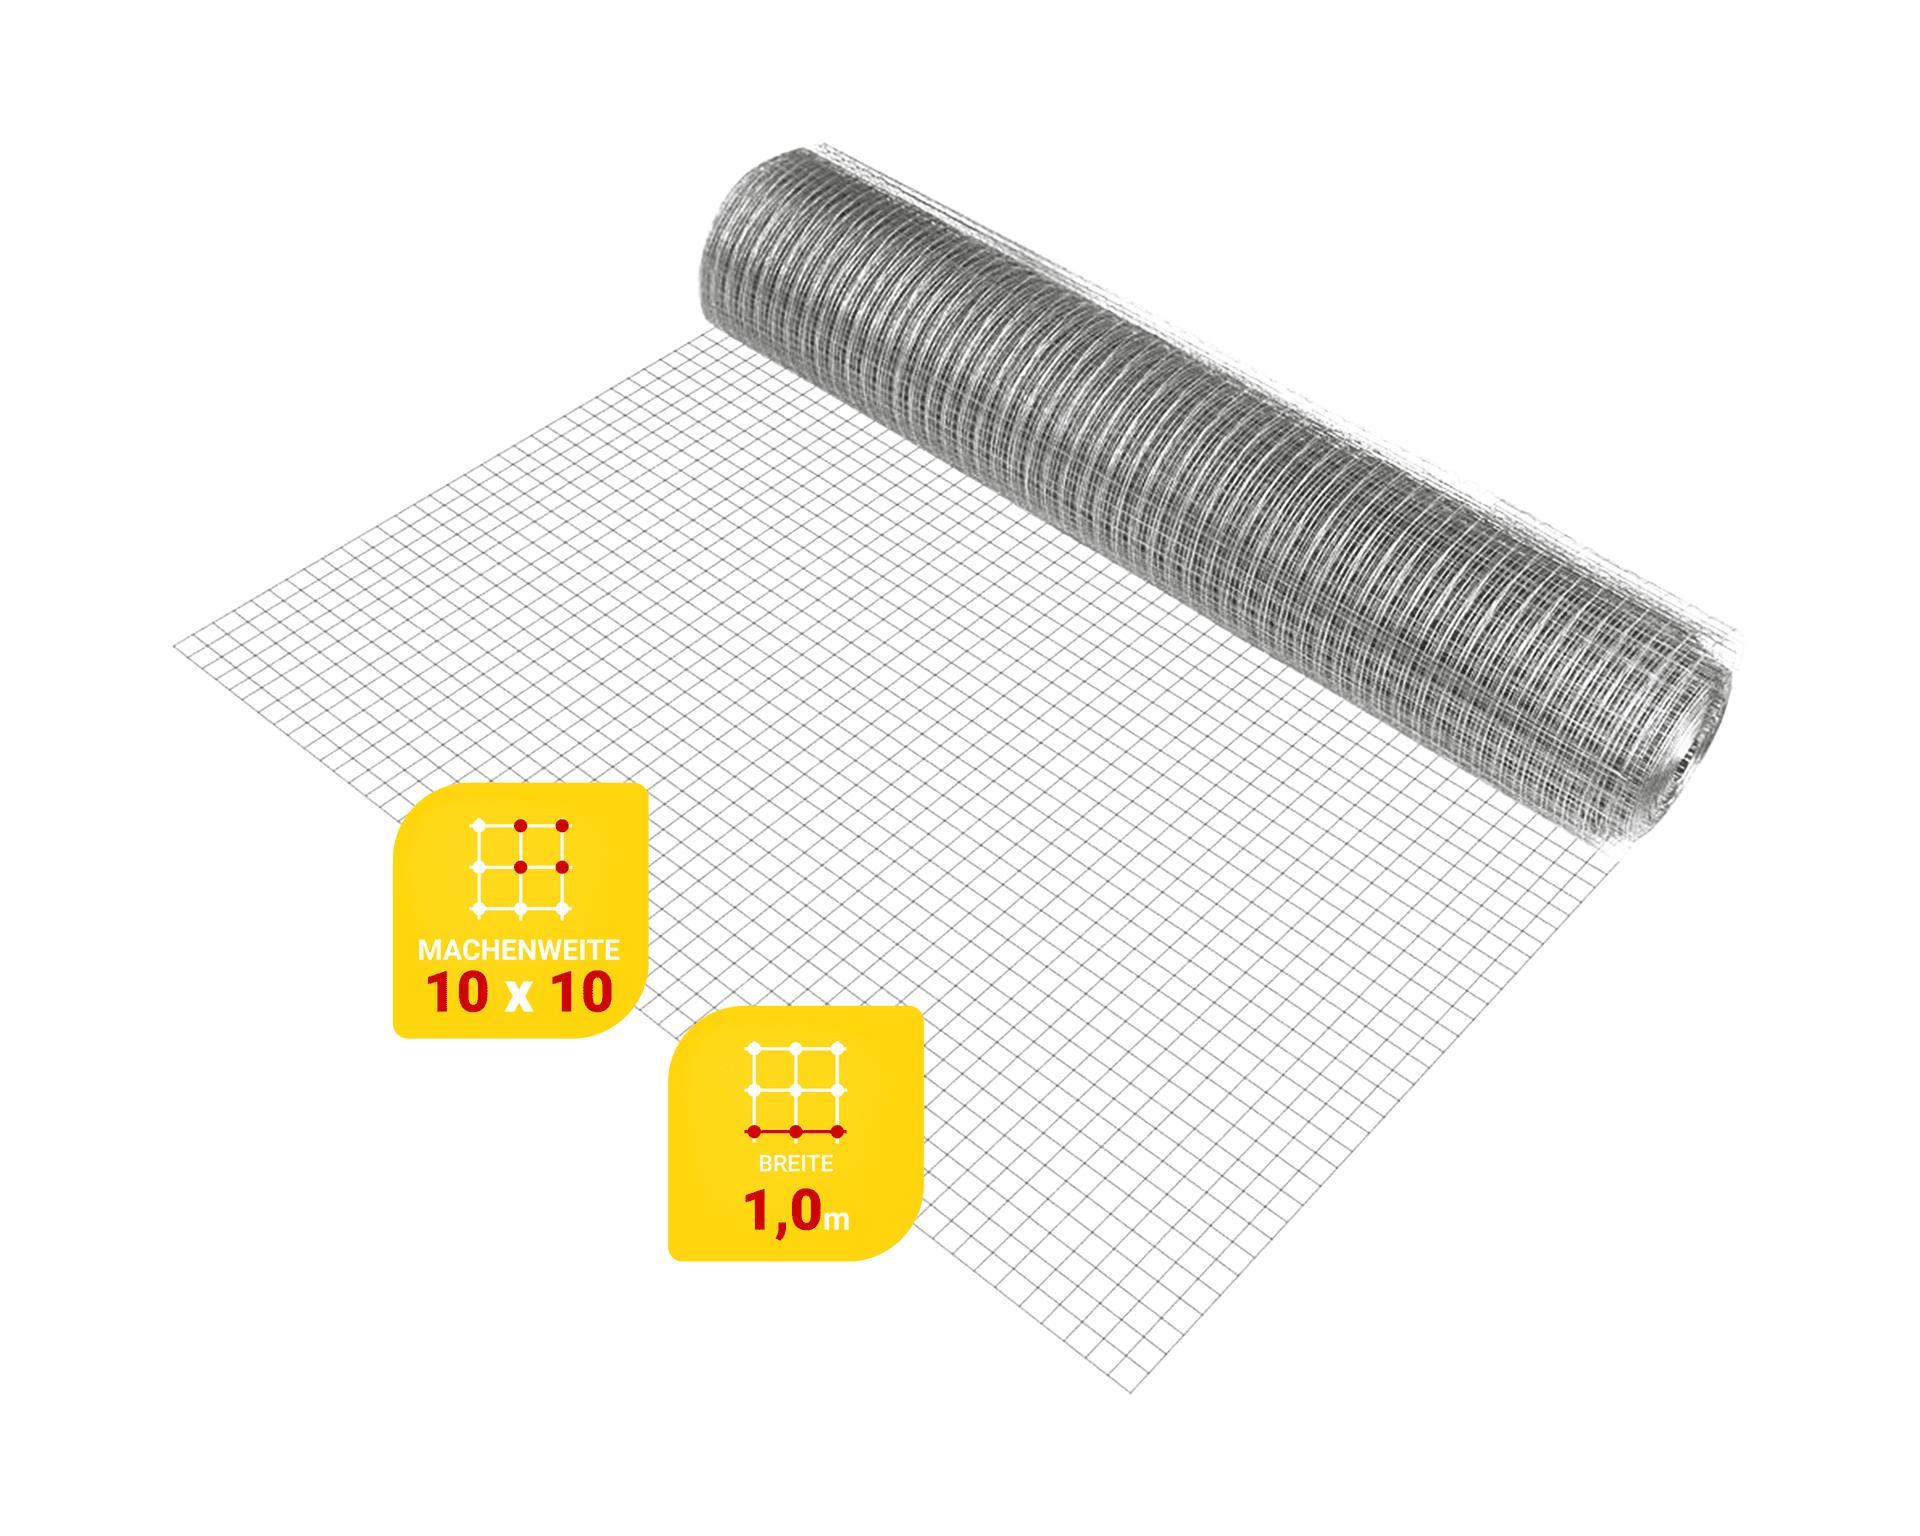 Edelstahlnetz Maschenweite 10 mm, Drahtstärke 1 mm, Breite 1.0 m, - Zuschnitt